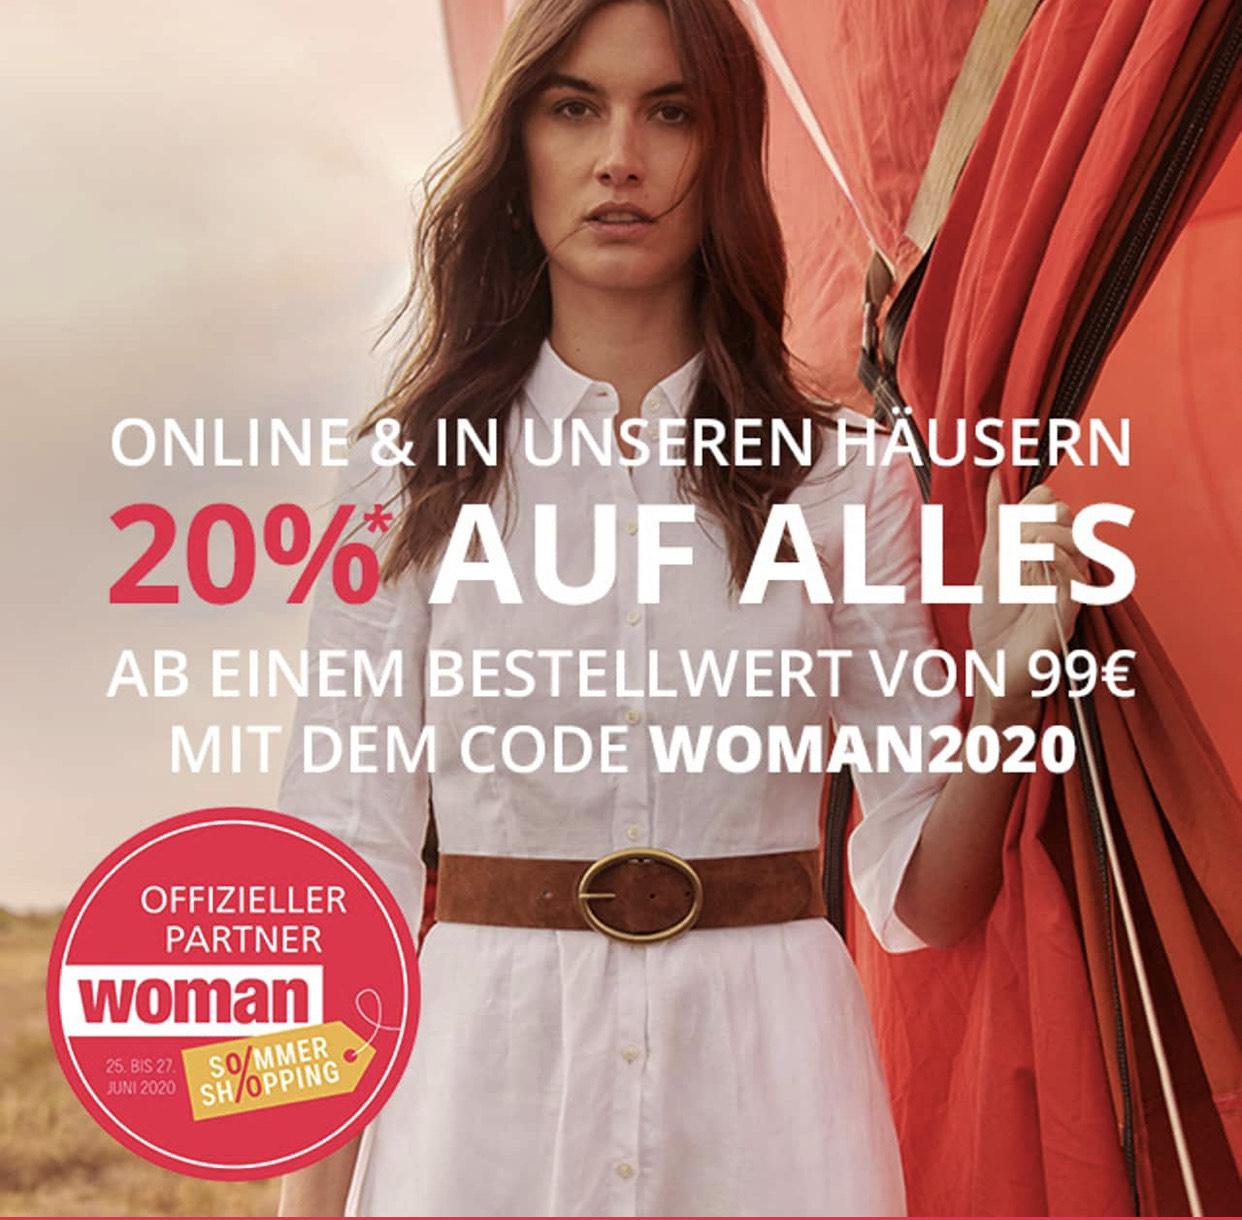 Peek & Cloppenburg: 20% Rabatt auf alles ab 99€